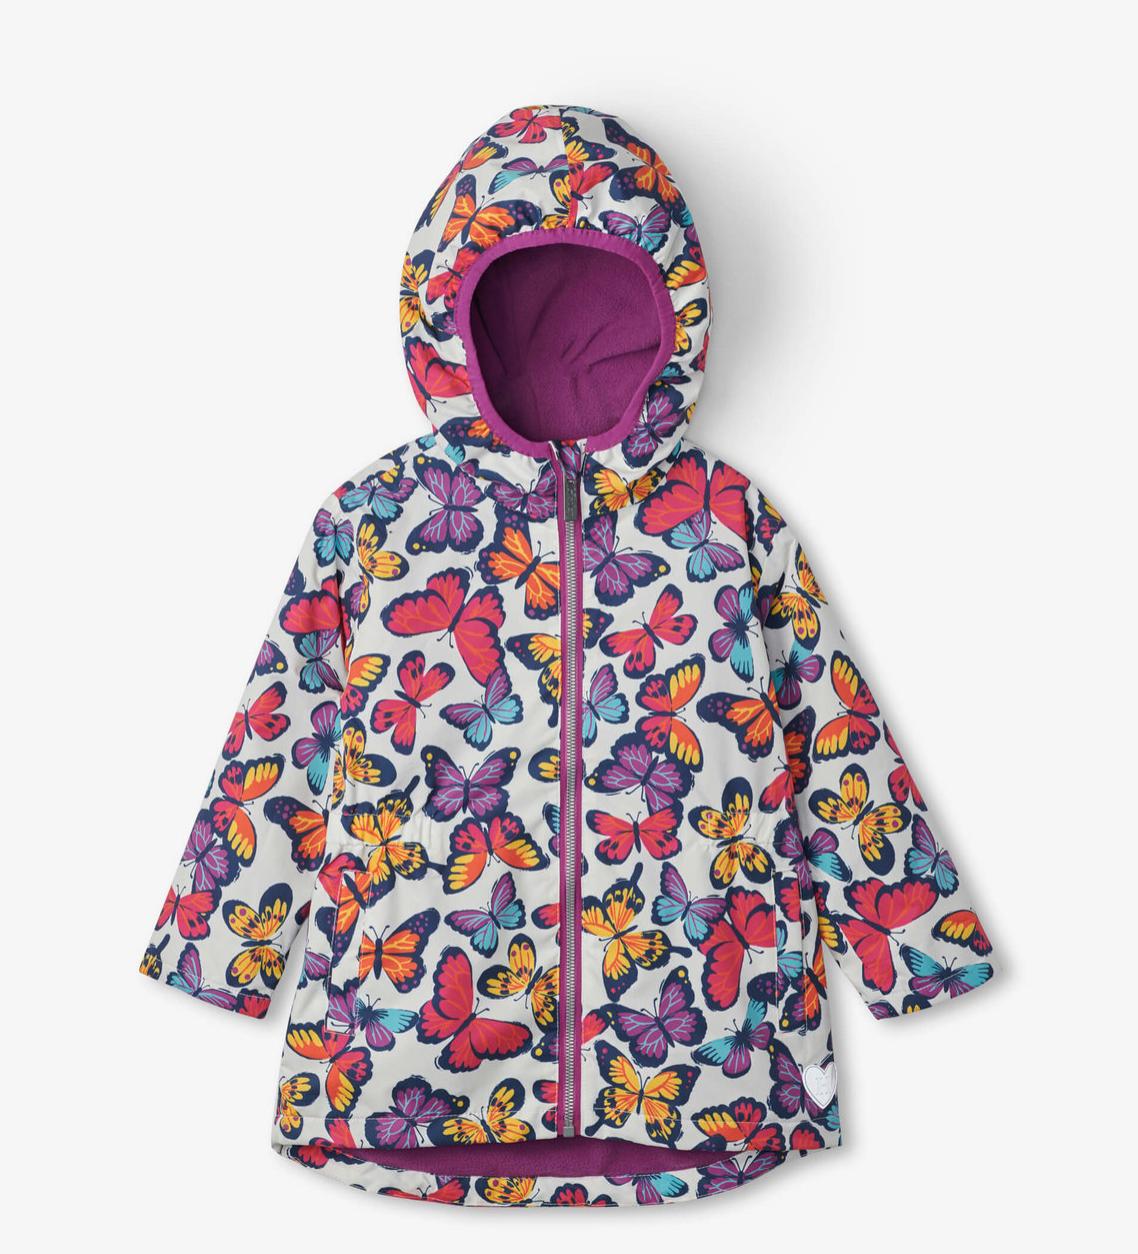 Hatley Kaleidoscope Butterflies Microfleece Jacket